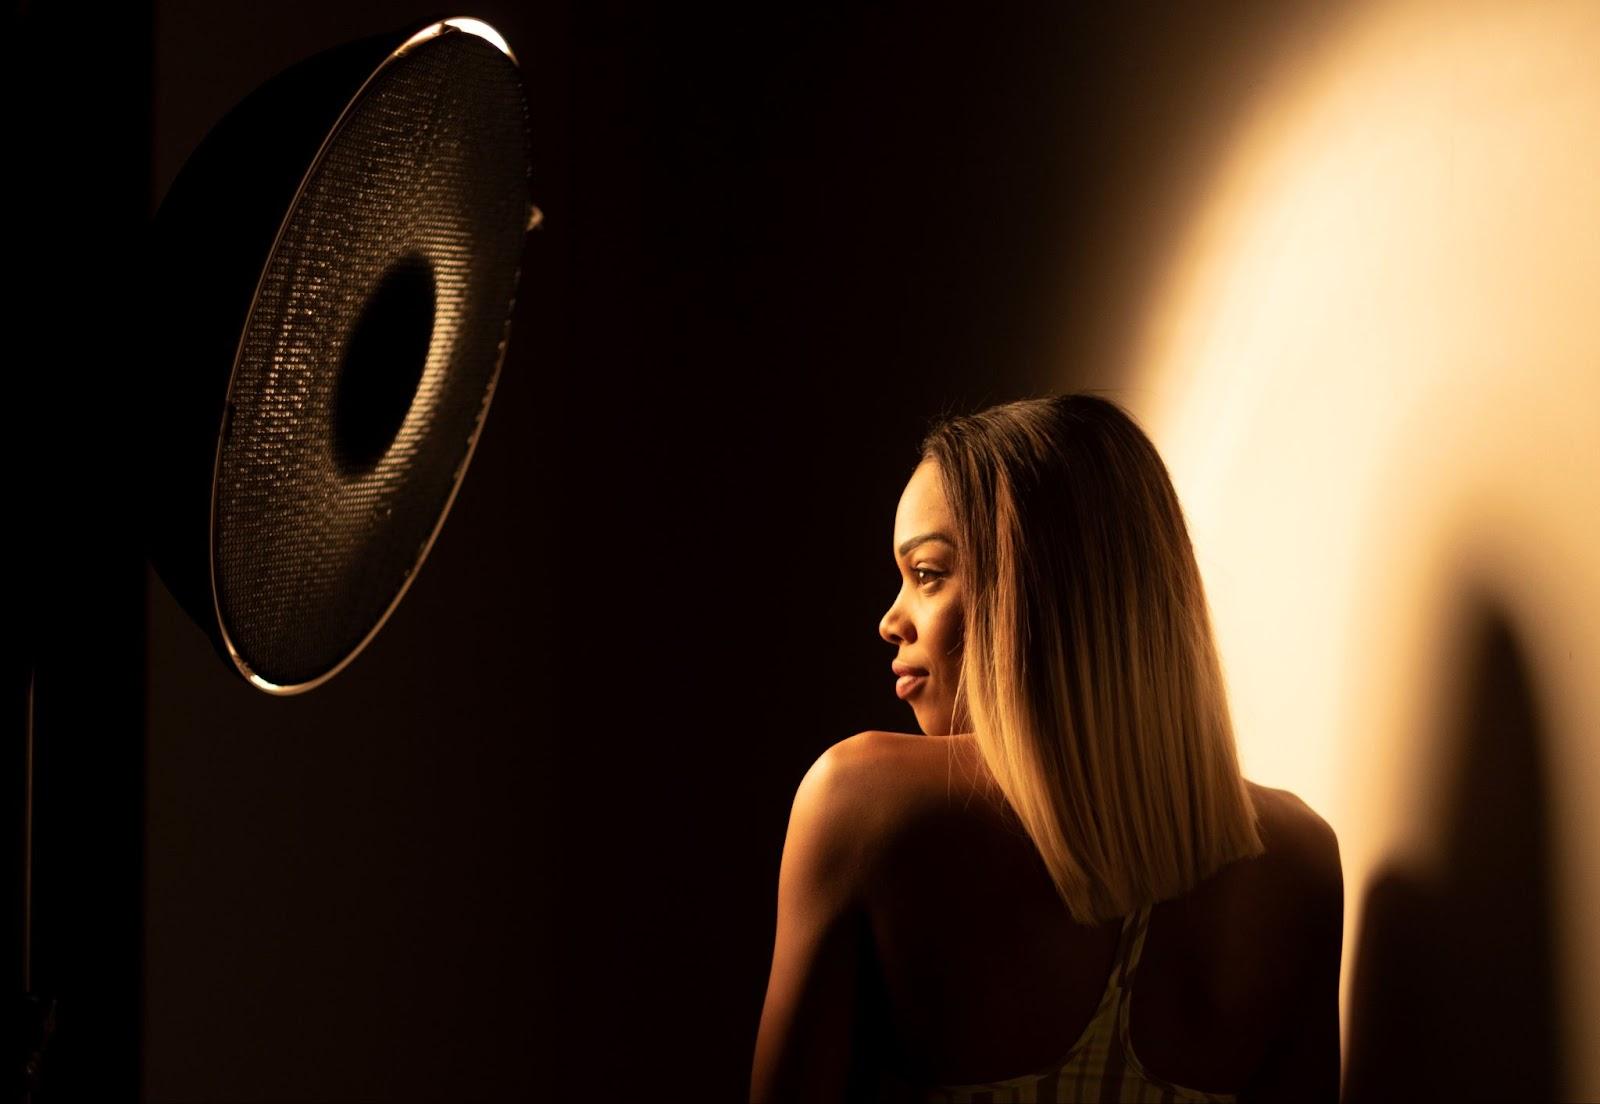 Has un curso de iluminación fotográfica si desconoces cómo sacar provecho al flash de mano